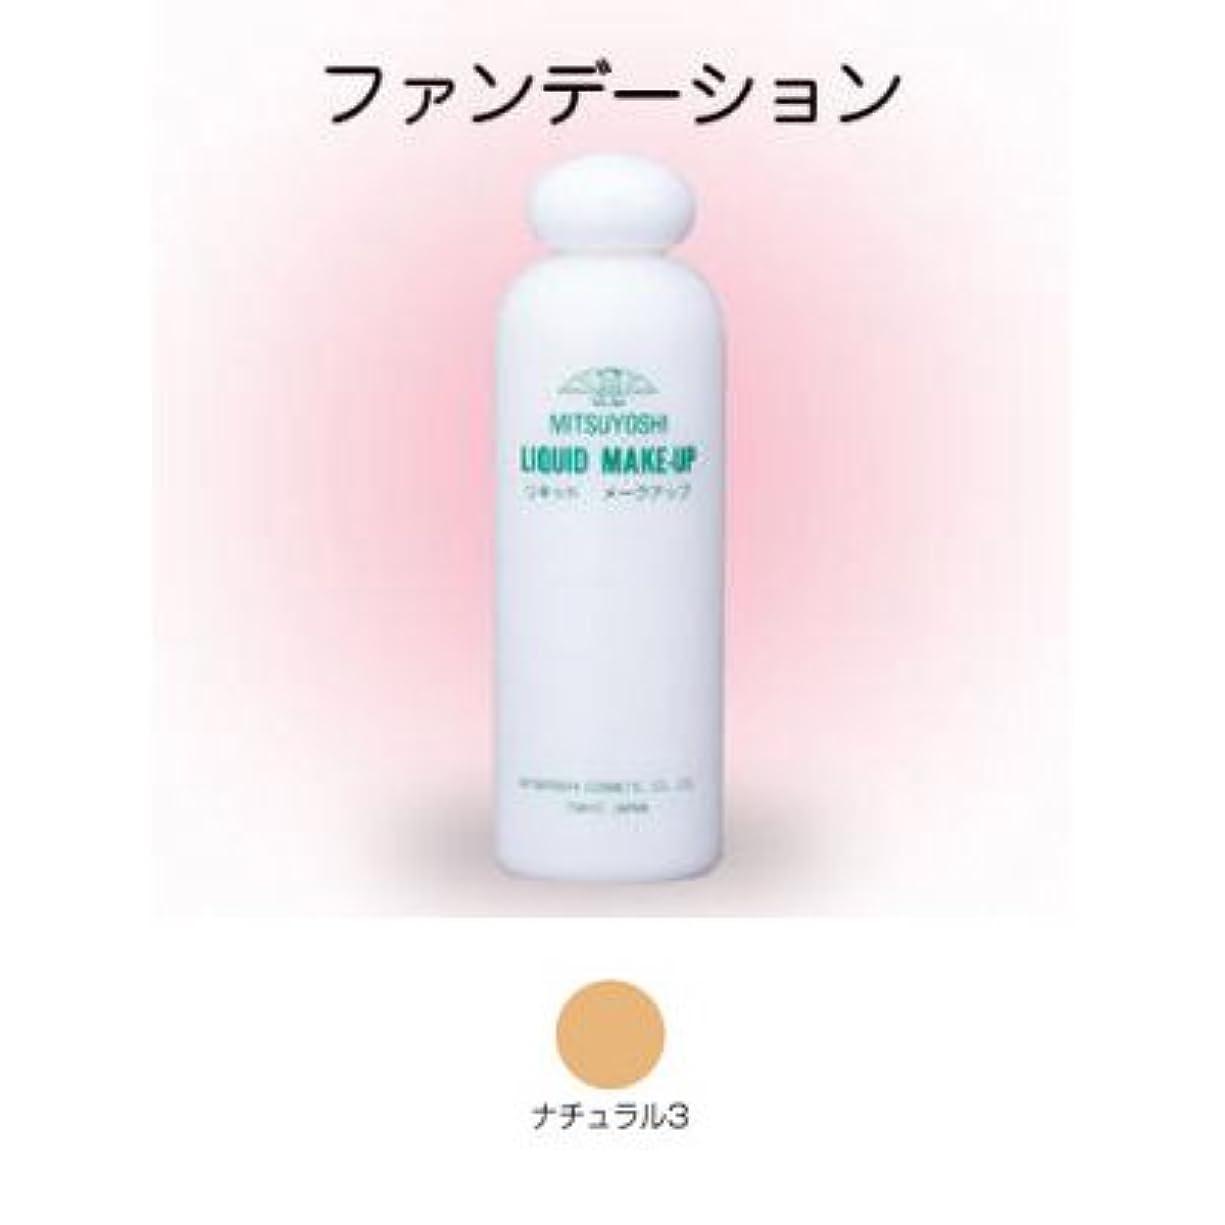 著名なタオルいつでもリキッドメークアップ 200ml ナチュラル3 【三善】